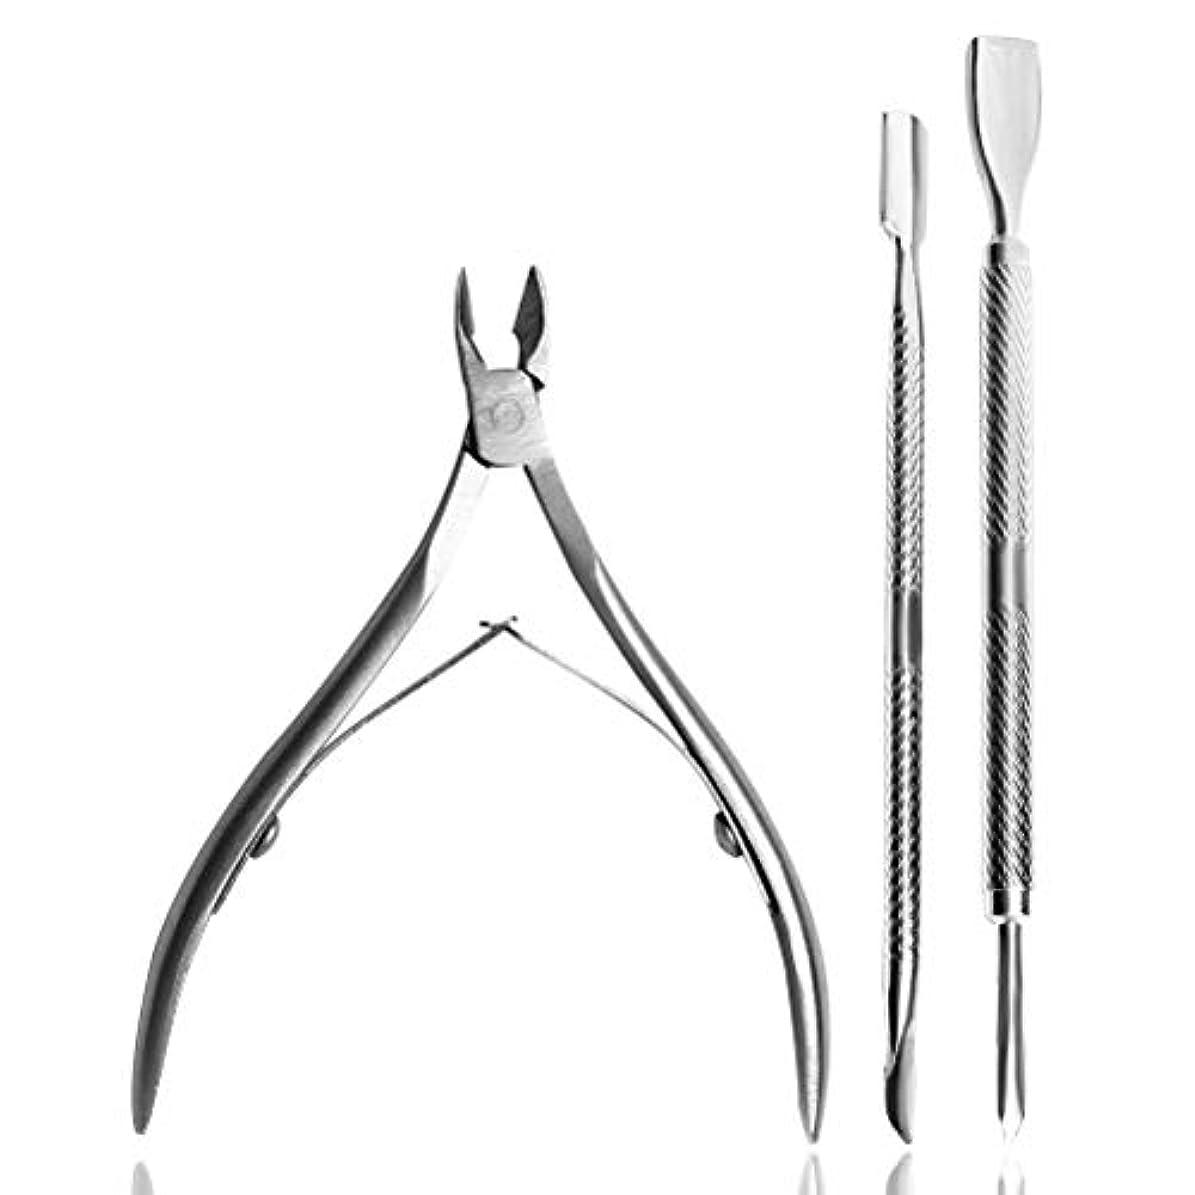 豪華なあなたが良くなります権威キューティクルリムーバー 医療用グレード ステンレス キューティクルニッパー 甘皮リムーバー マニキュア ペディキュア & 美容 ツール 爪 足爪 用